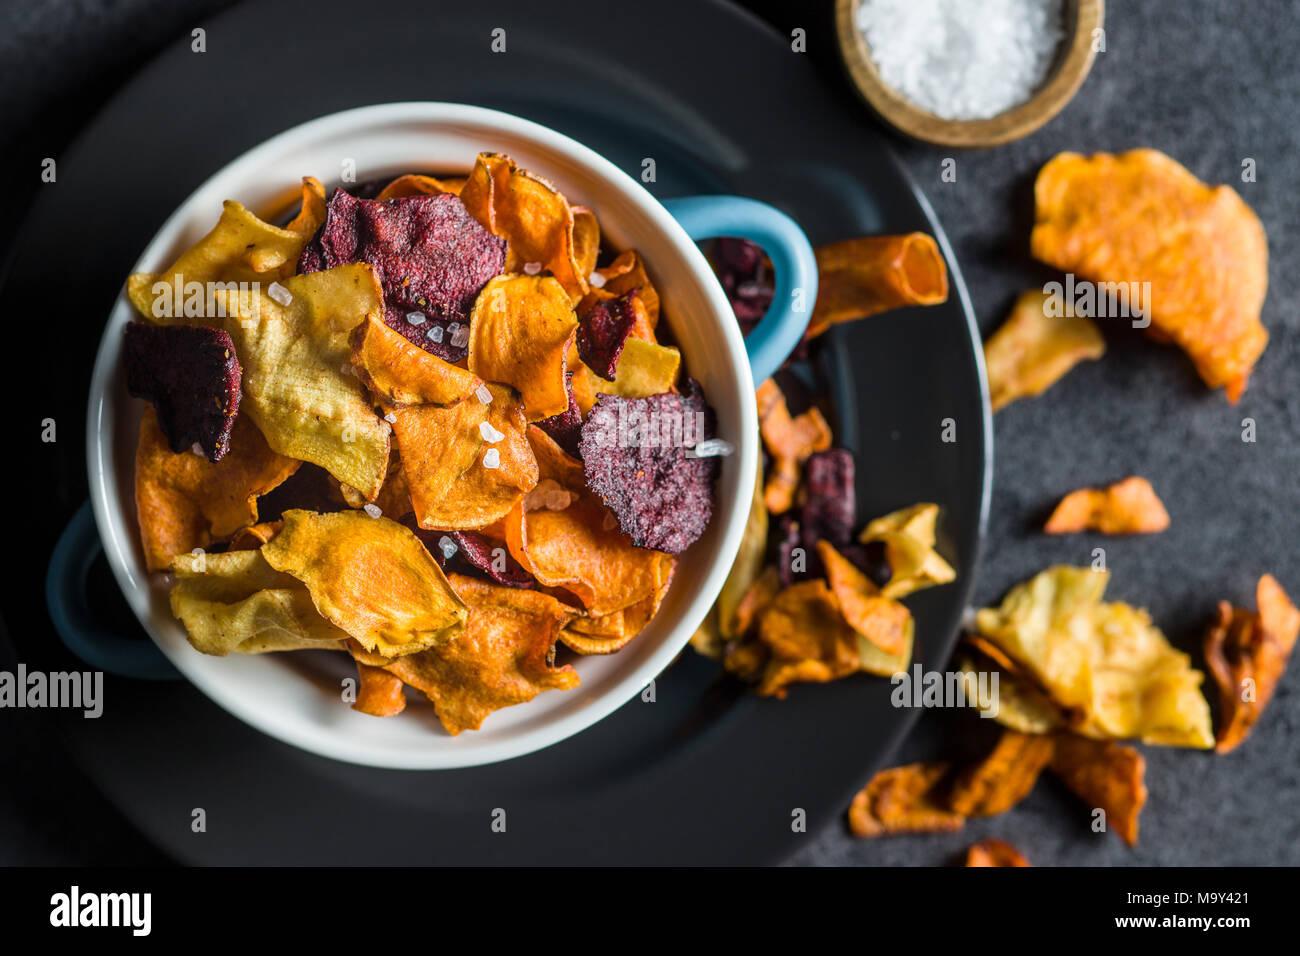 Poêlée de croustilles de légumes en pot. Photo Stock